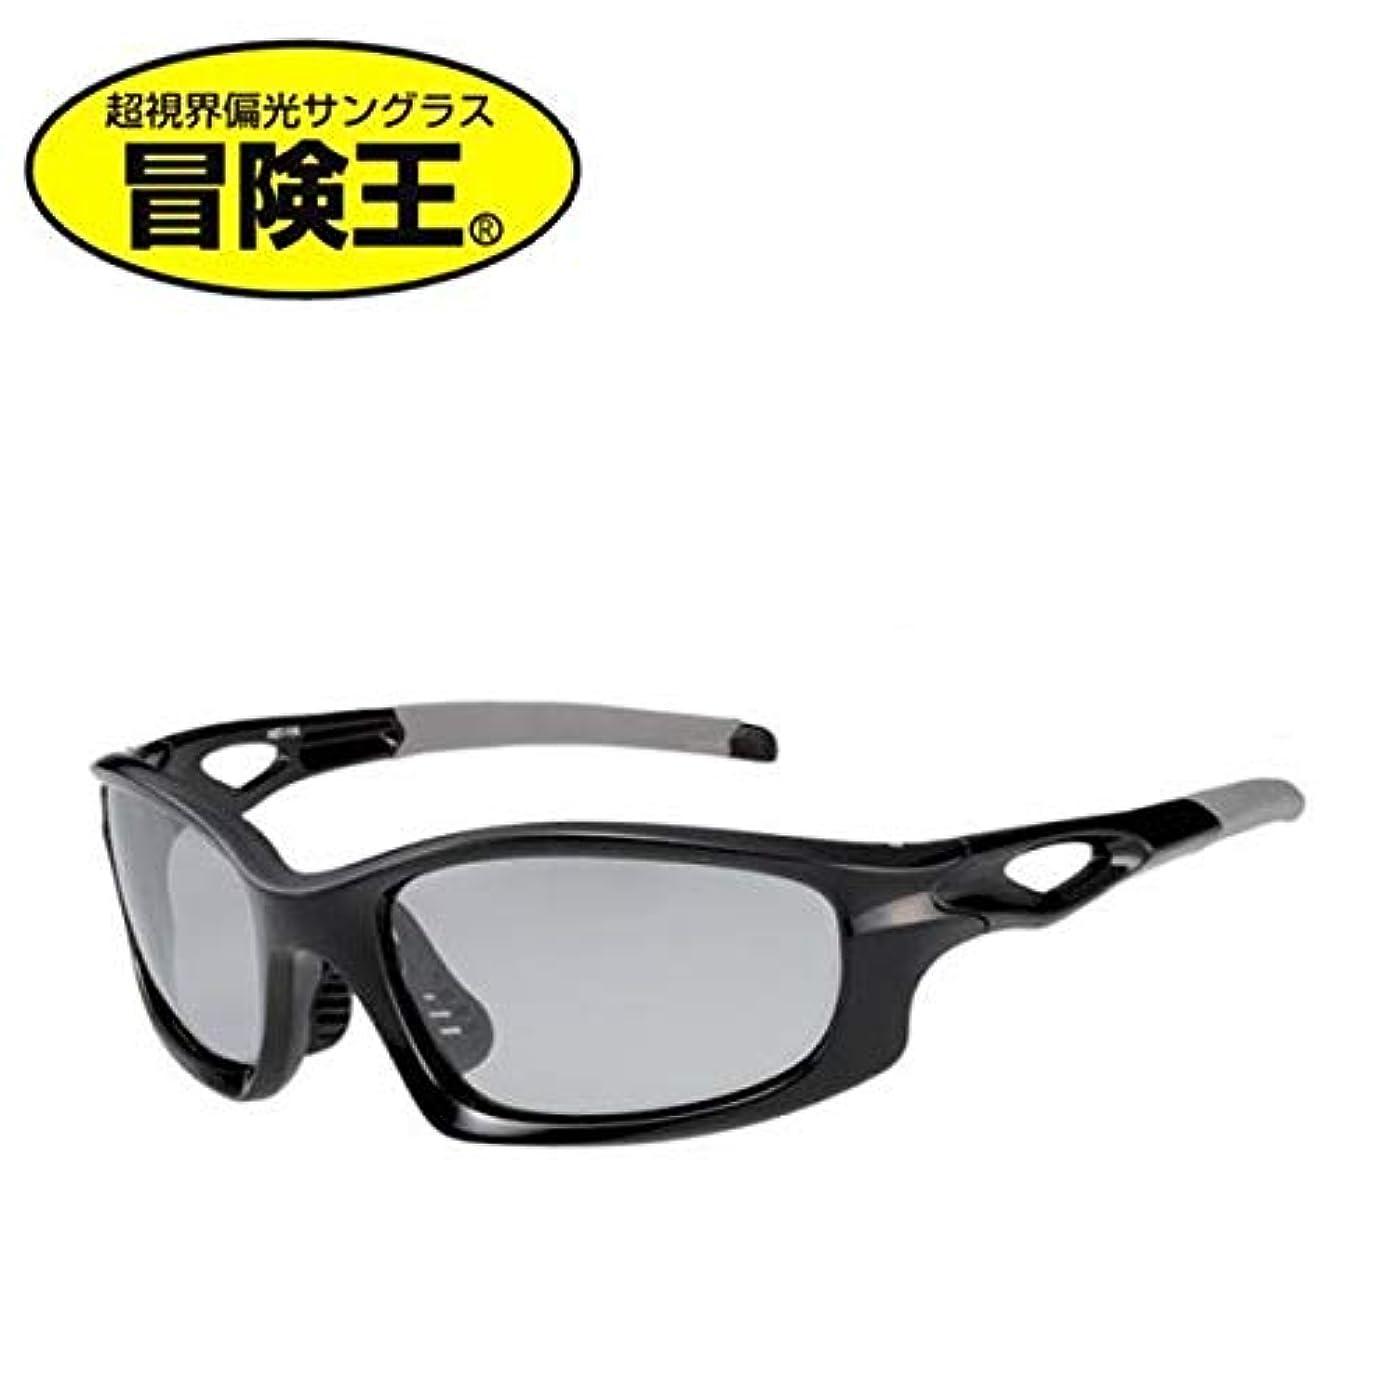 賞マウスピース統計的冒険王(Boken-Oh) サングラス 調光 ハイパーサテライト HST-11A ブラック/グレー